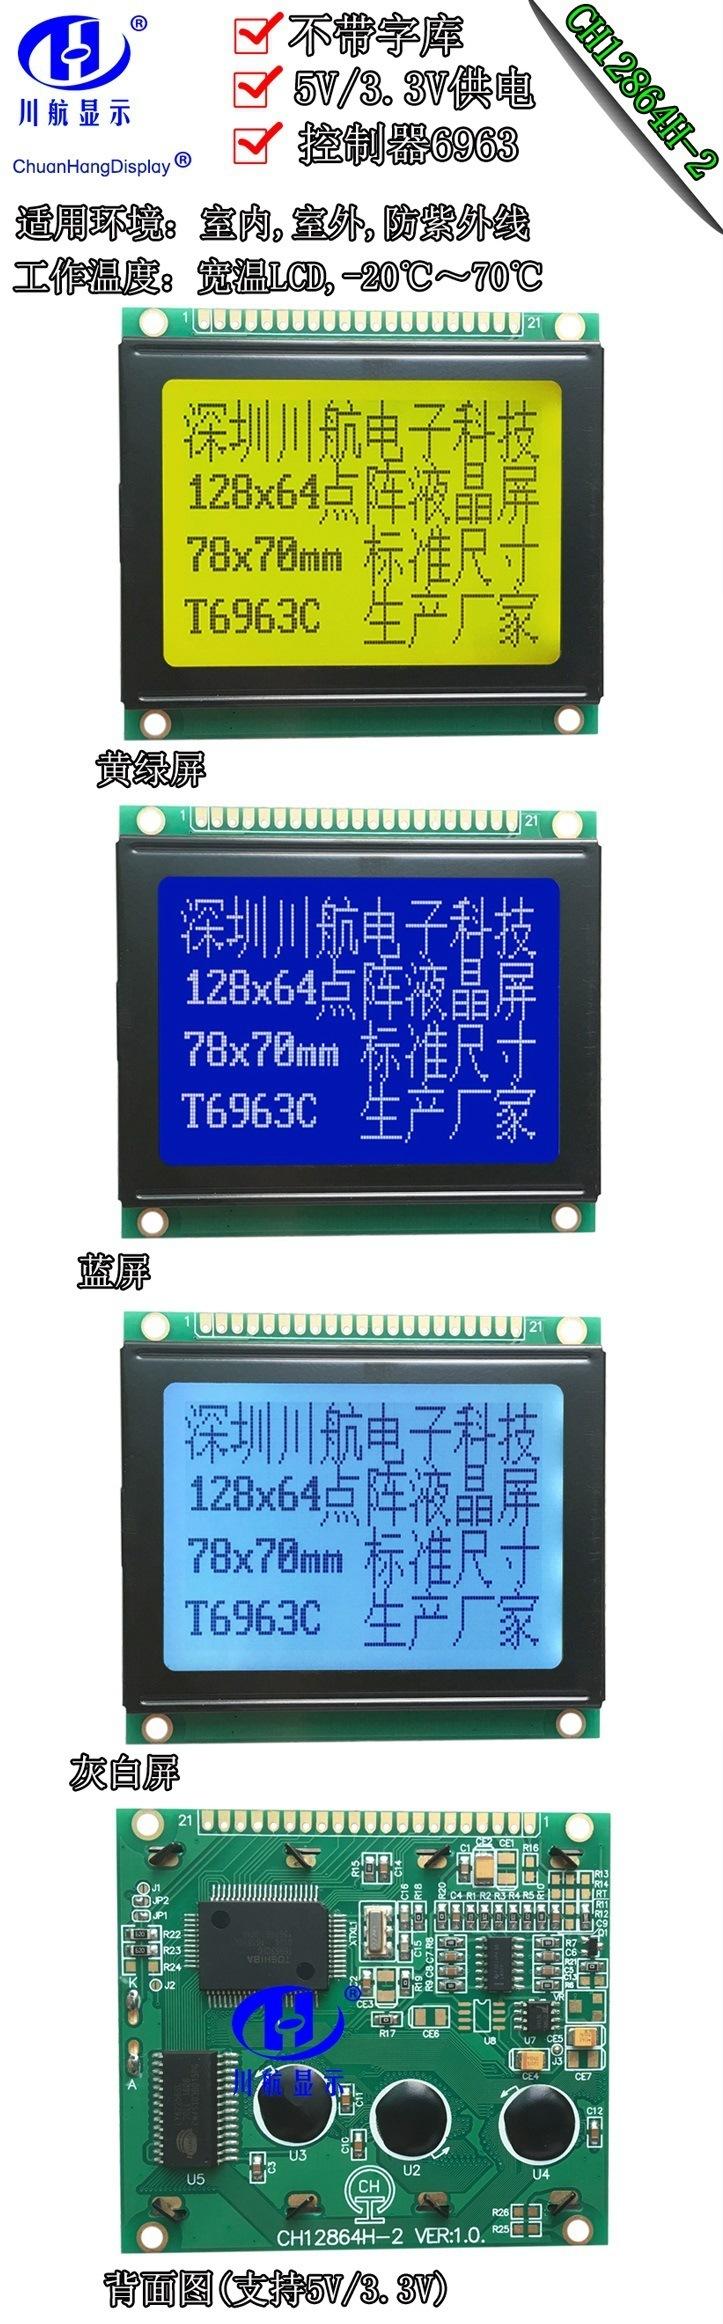 CH12864H2-PCB-描述 (1)